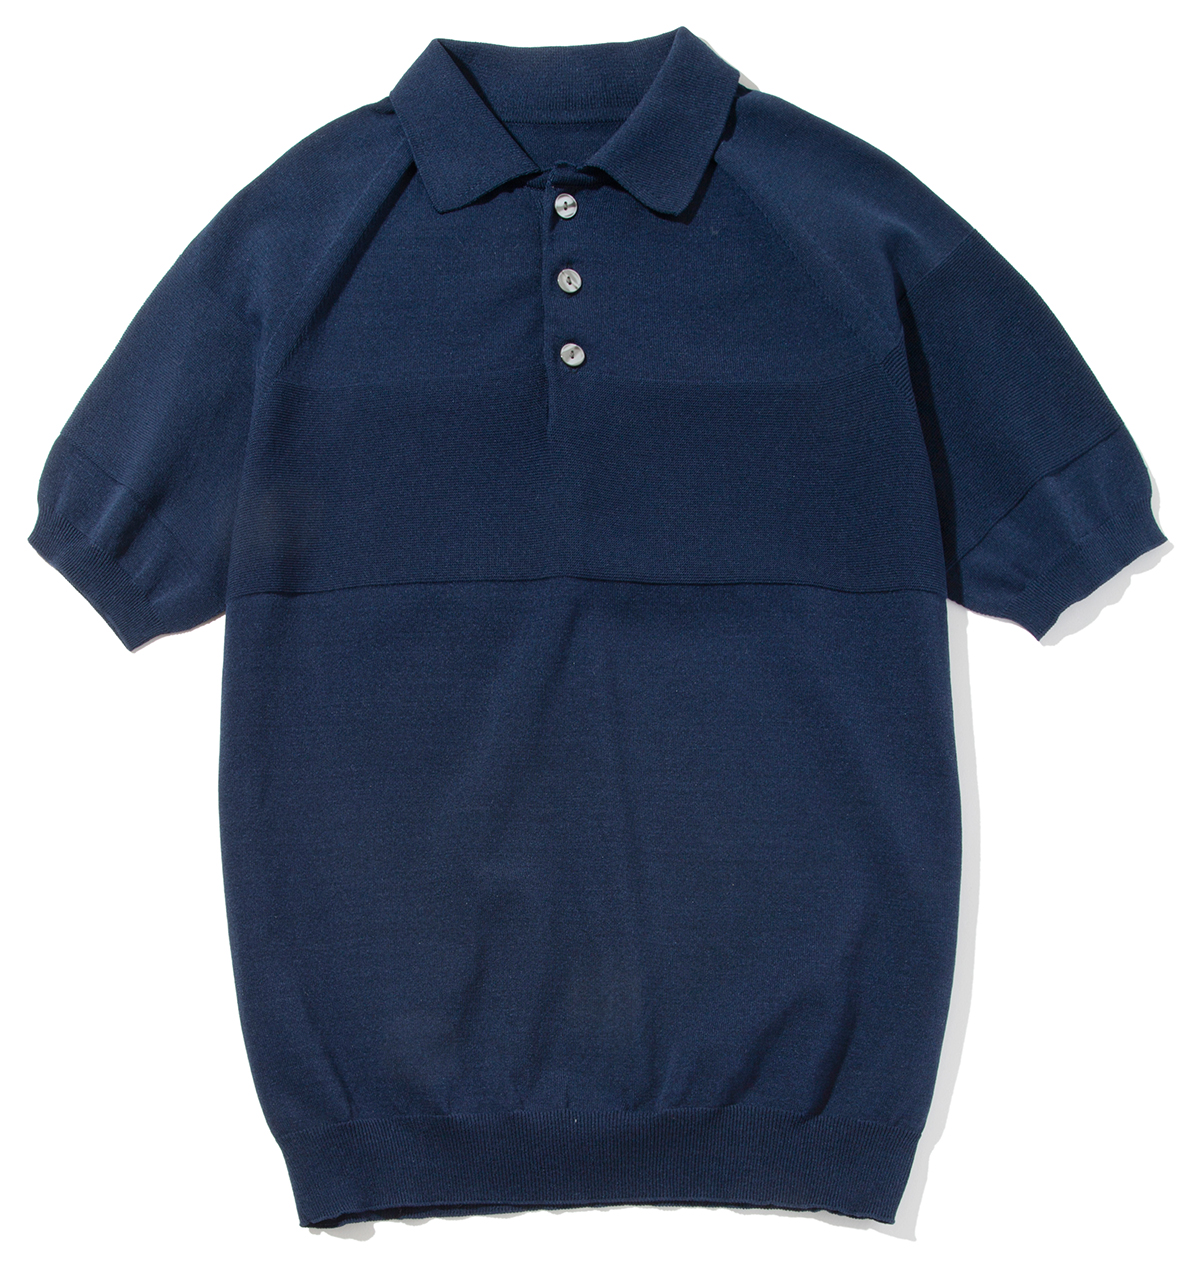 ネイビー|汗でベタつかない、匂わない、綿より軽い!三拍子揃った「ニットポロシャツ」|伊予和紙ポロシャツ